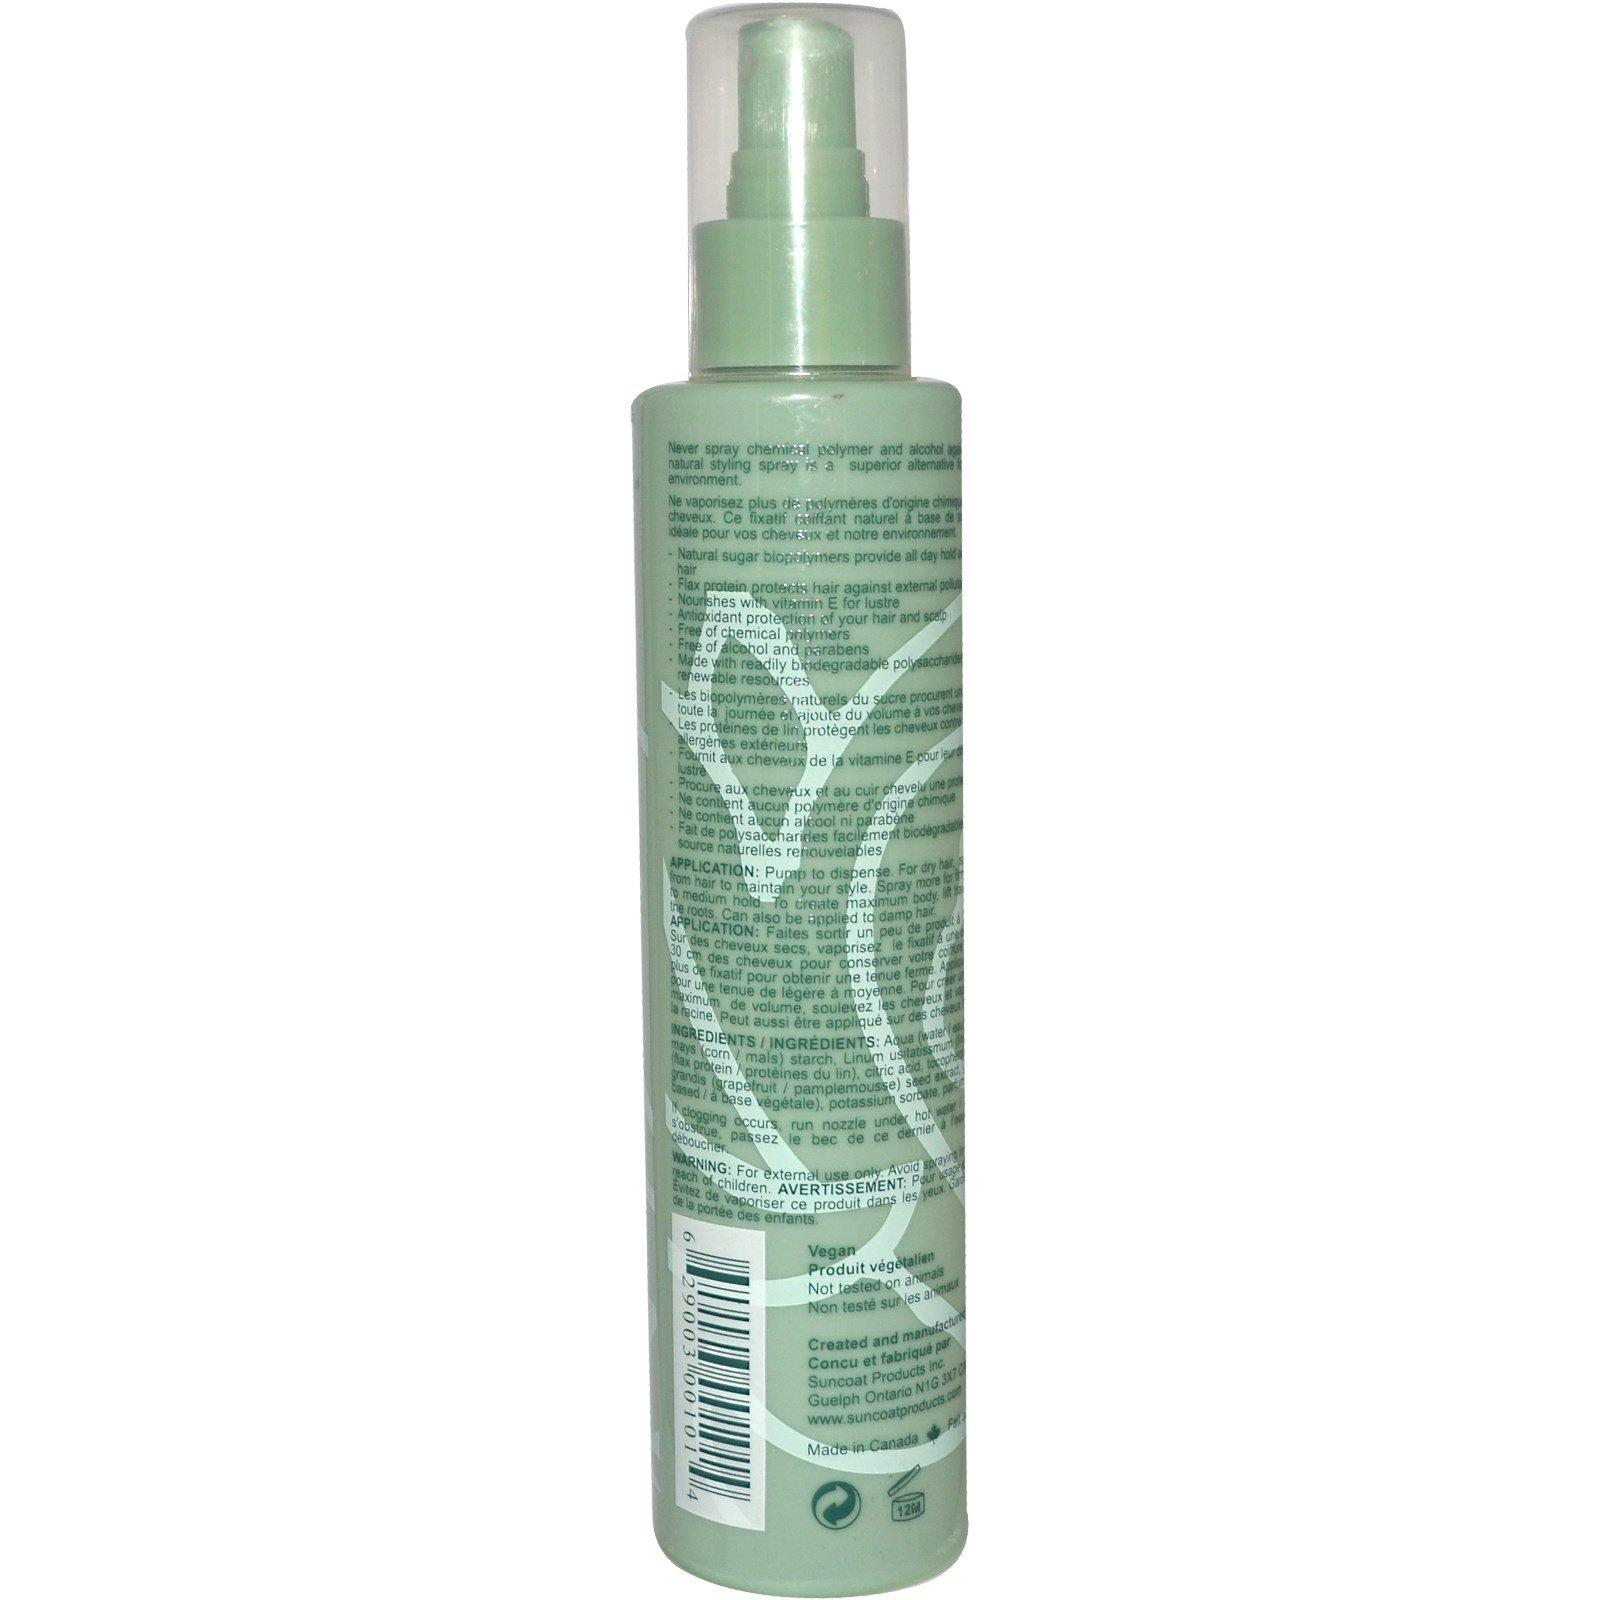 Suncoat, Природный спрей для укладки, средней силы, 7 жидк. унц. (210 мл)